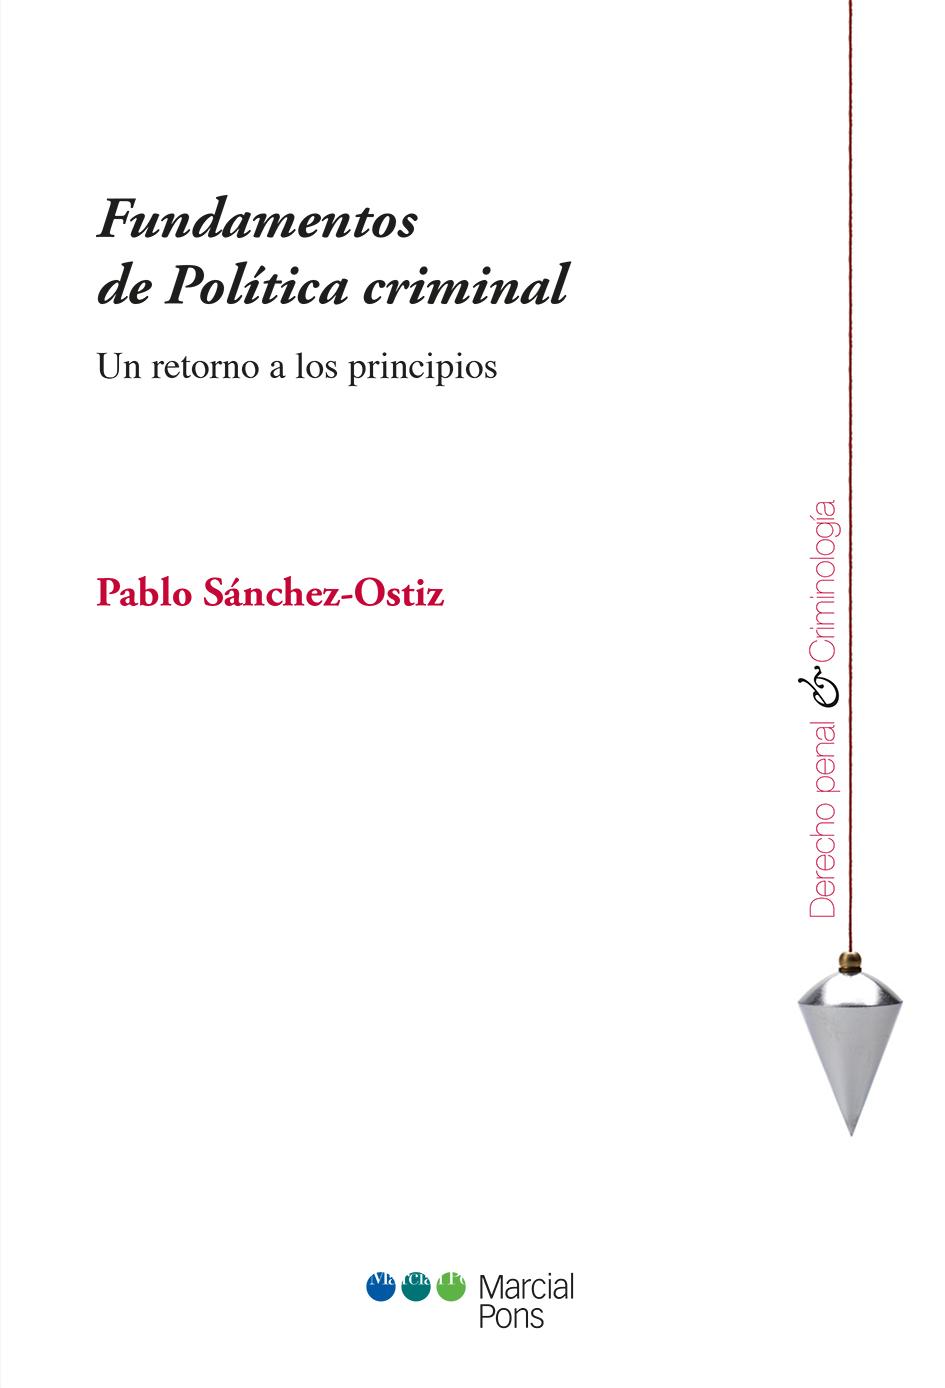 Portada del libro Fundamentos de Política criminal